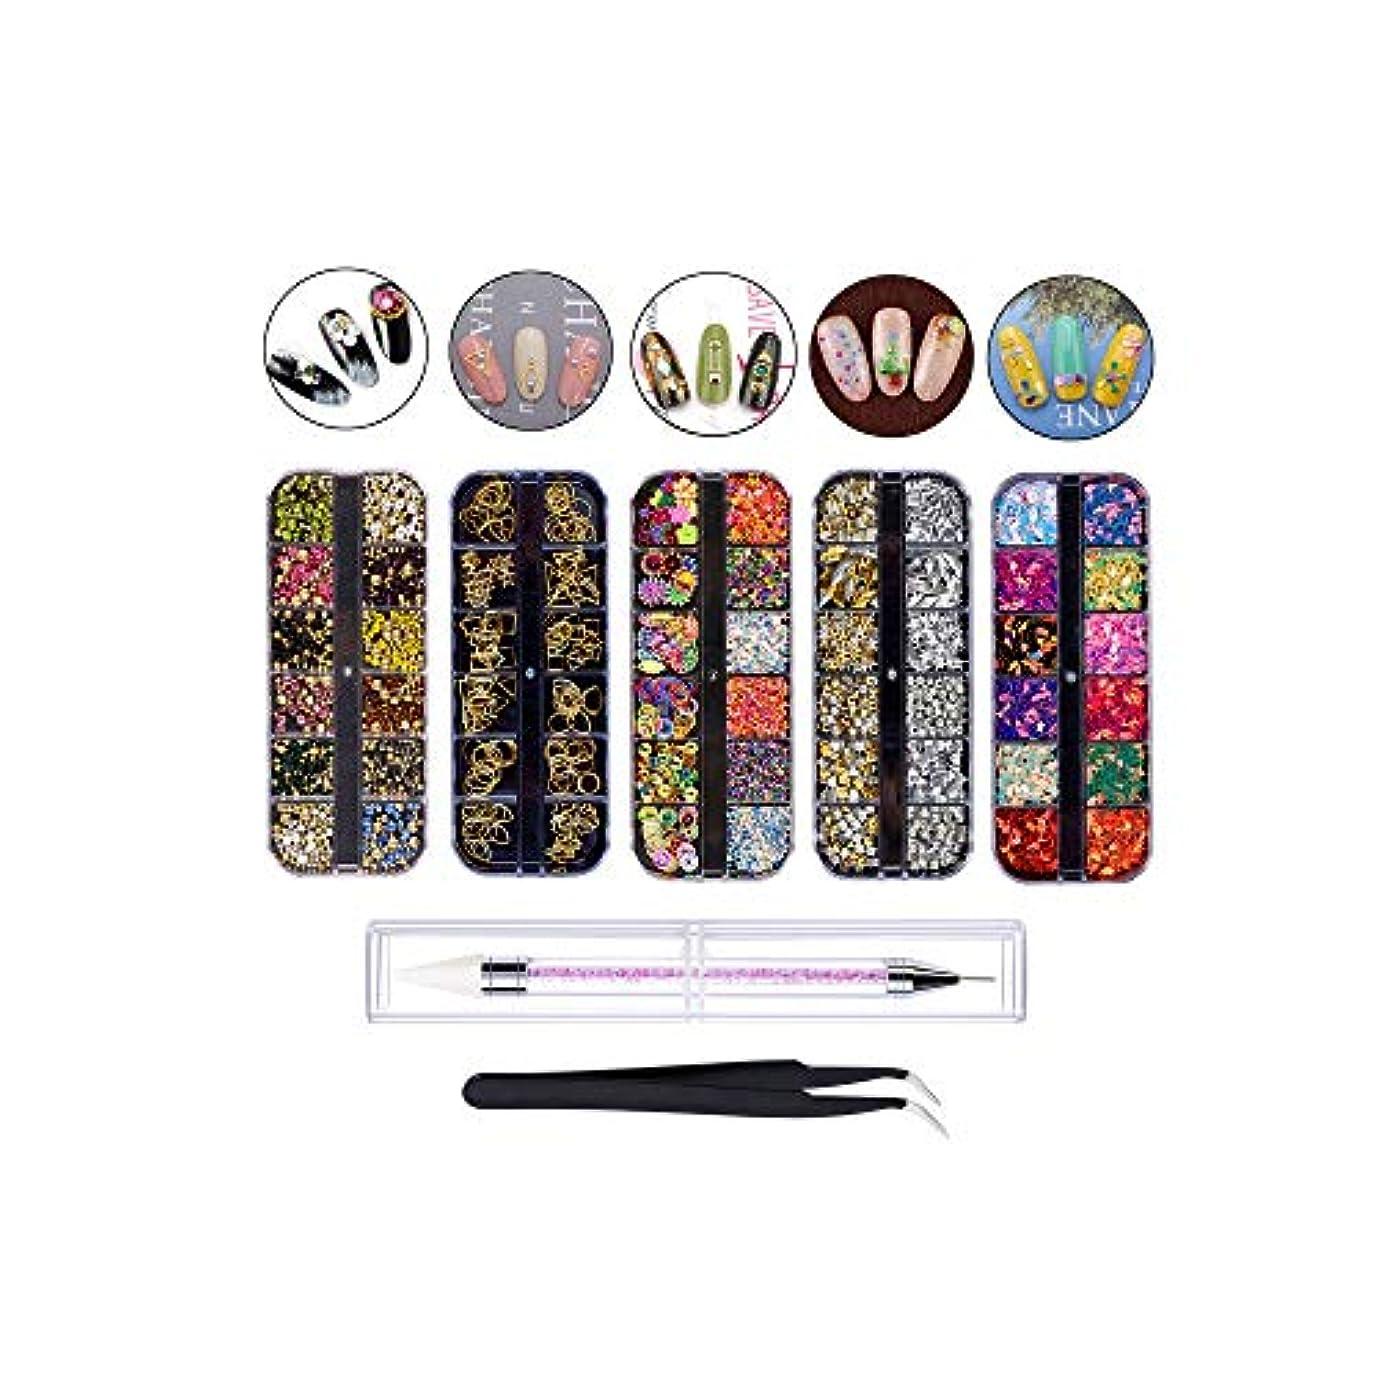 ケージエキゾチックローンネイルパーツ ネイル デコ用 カラーラインストーン 5個のケース入り 大容量セット 3D ネイルアート セルフネイル レジン ネイル ピンセット1本付き1ポイントドリルペン